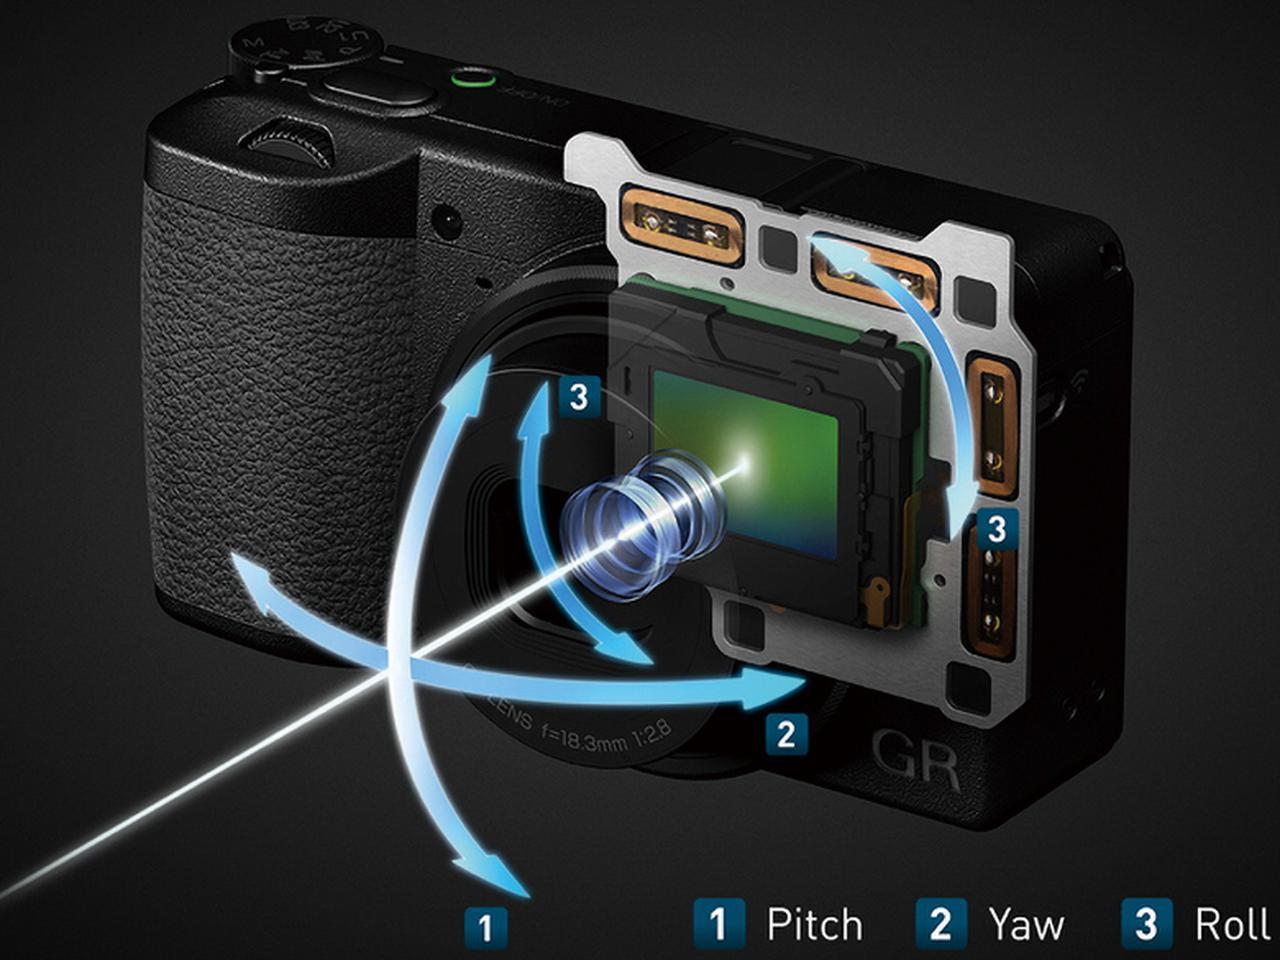 画像3: 【最新コンデジ2019】リコー「GRⅢ」のココがスゴイ!高解像度レンズとしっくり感はさすが